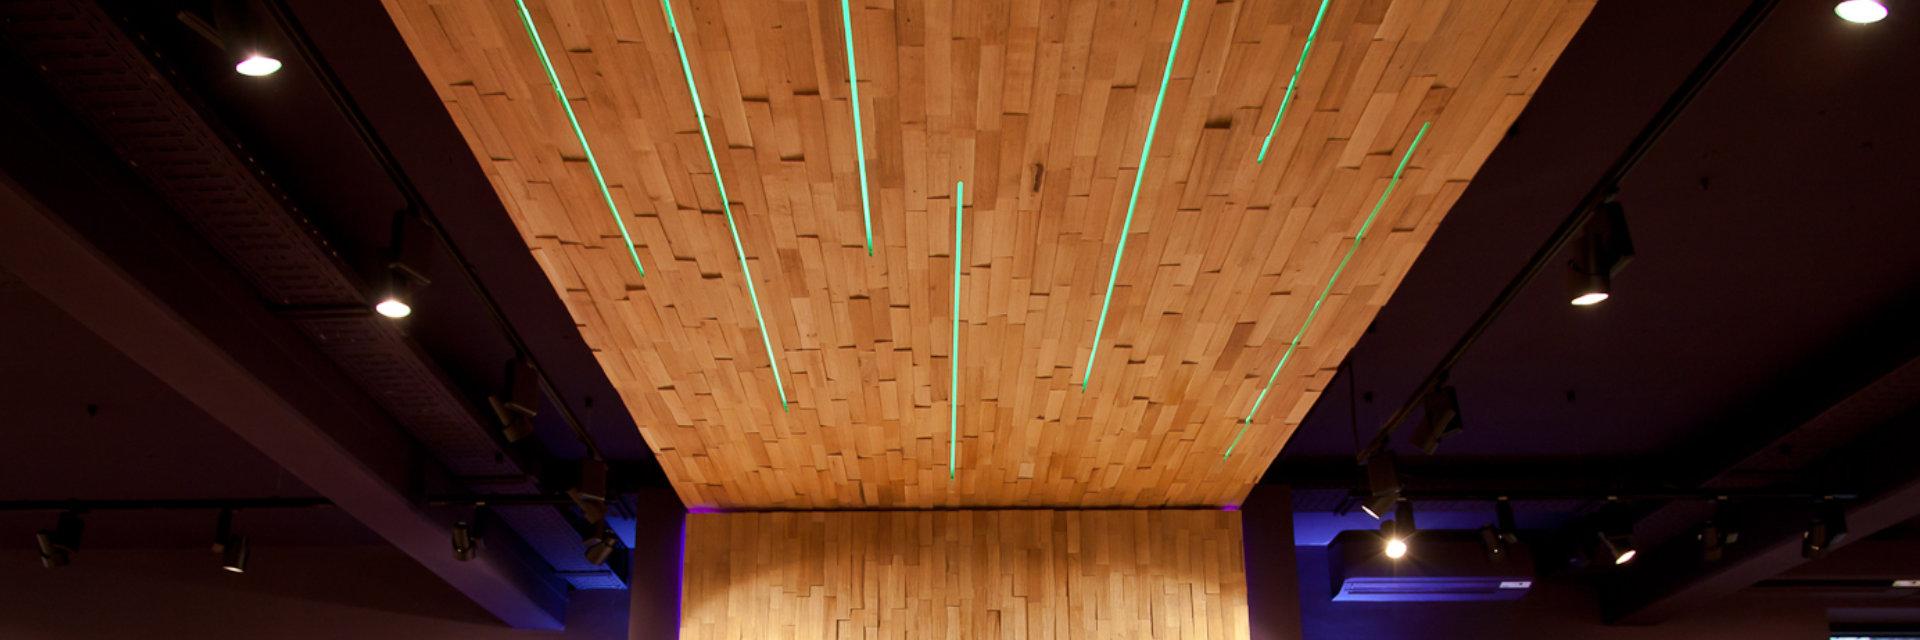 Introfoto M.I.A. Müller. Innen. Architektur. Düsseldorf